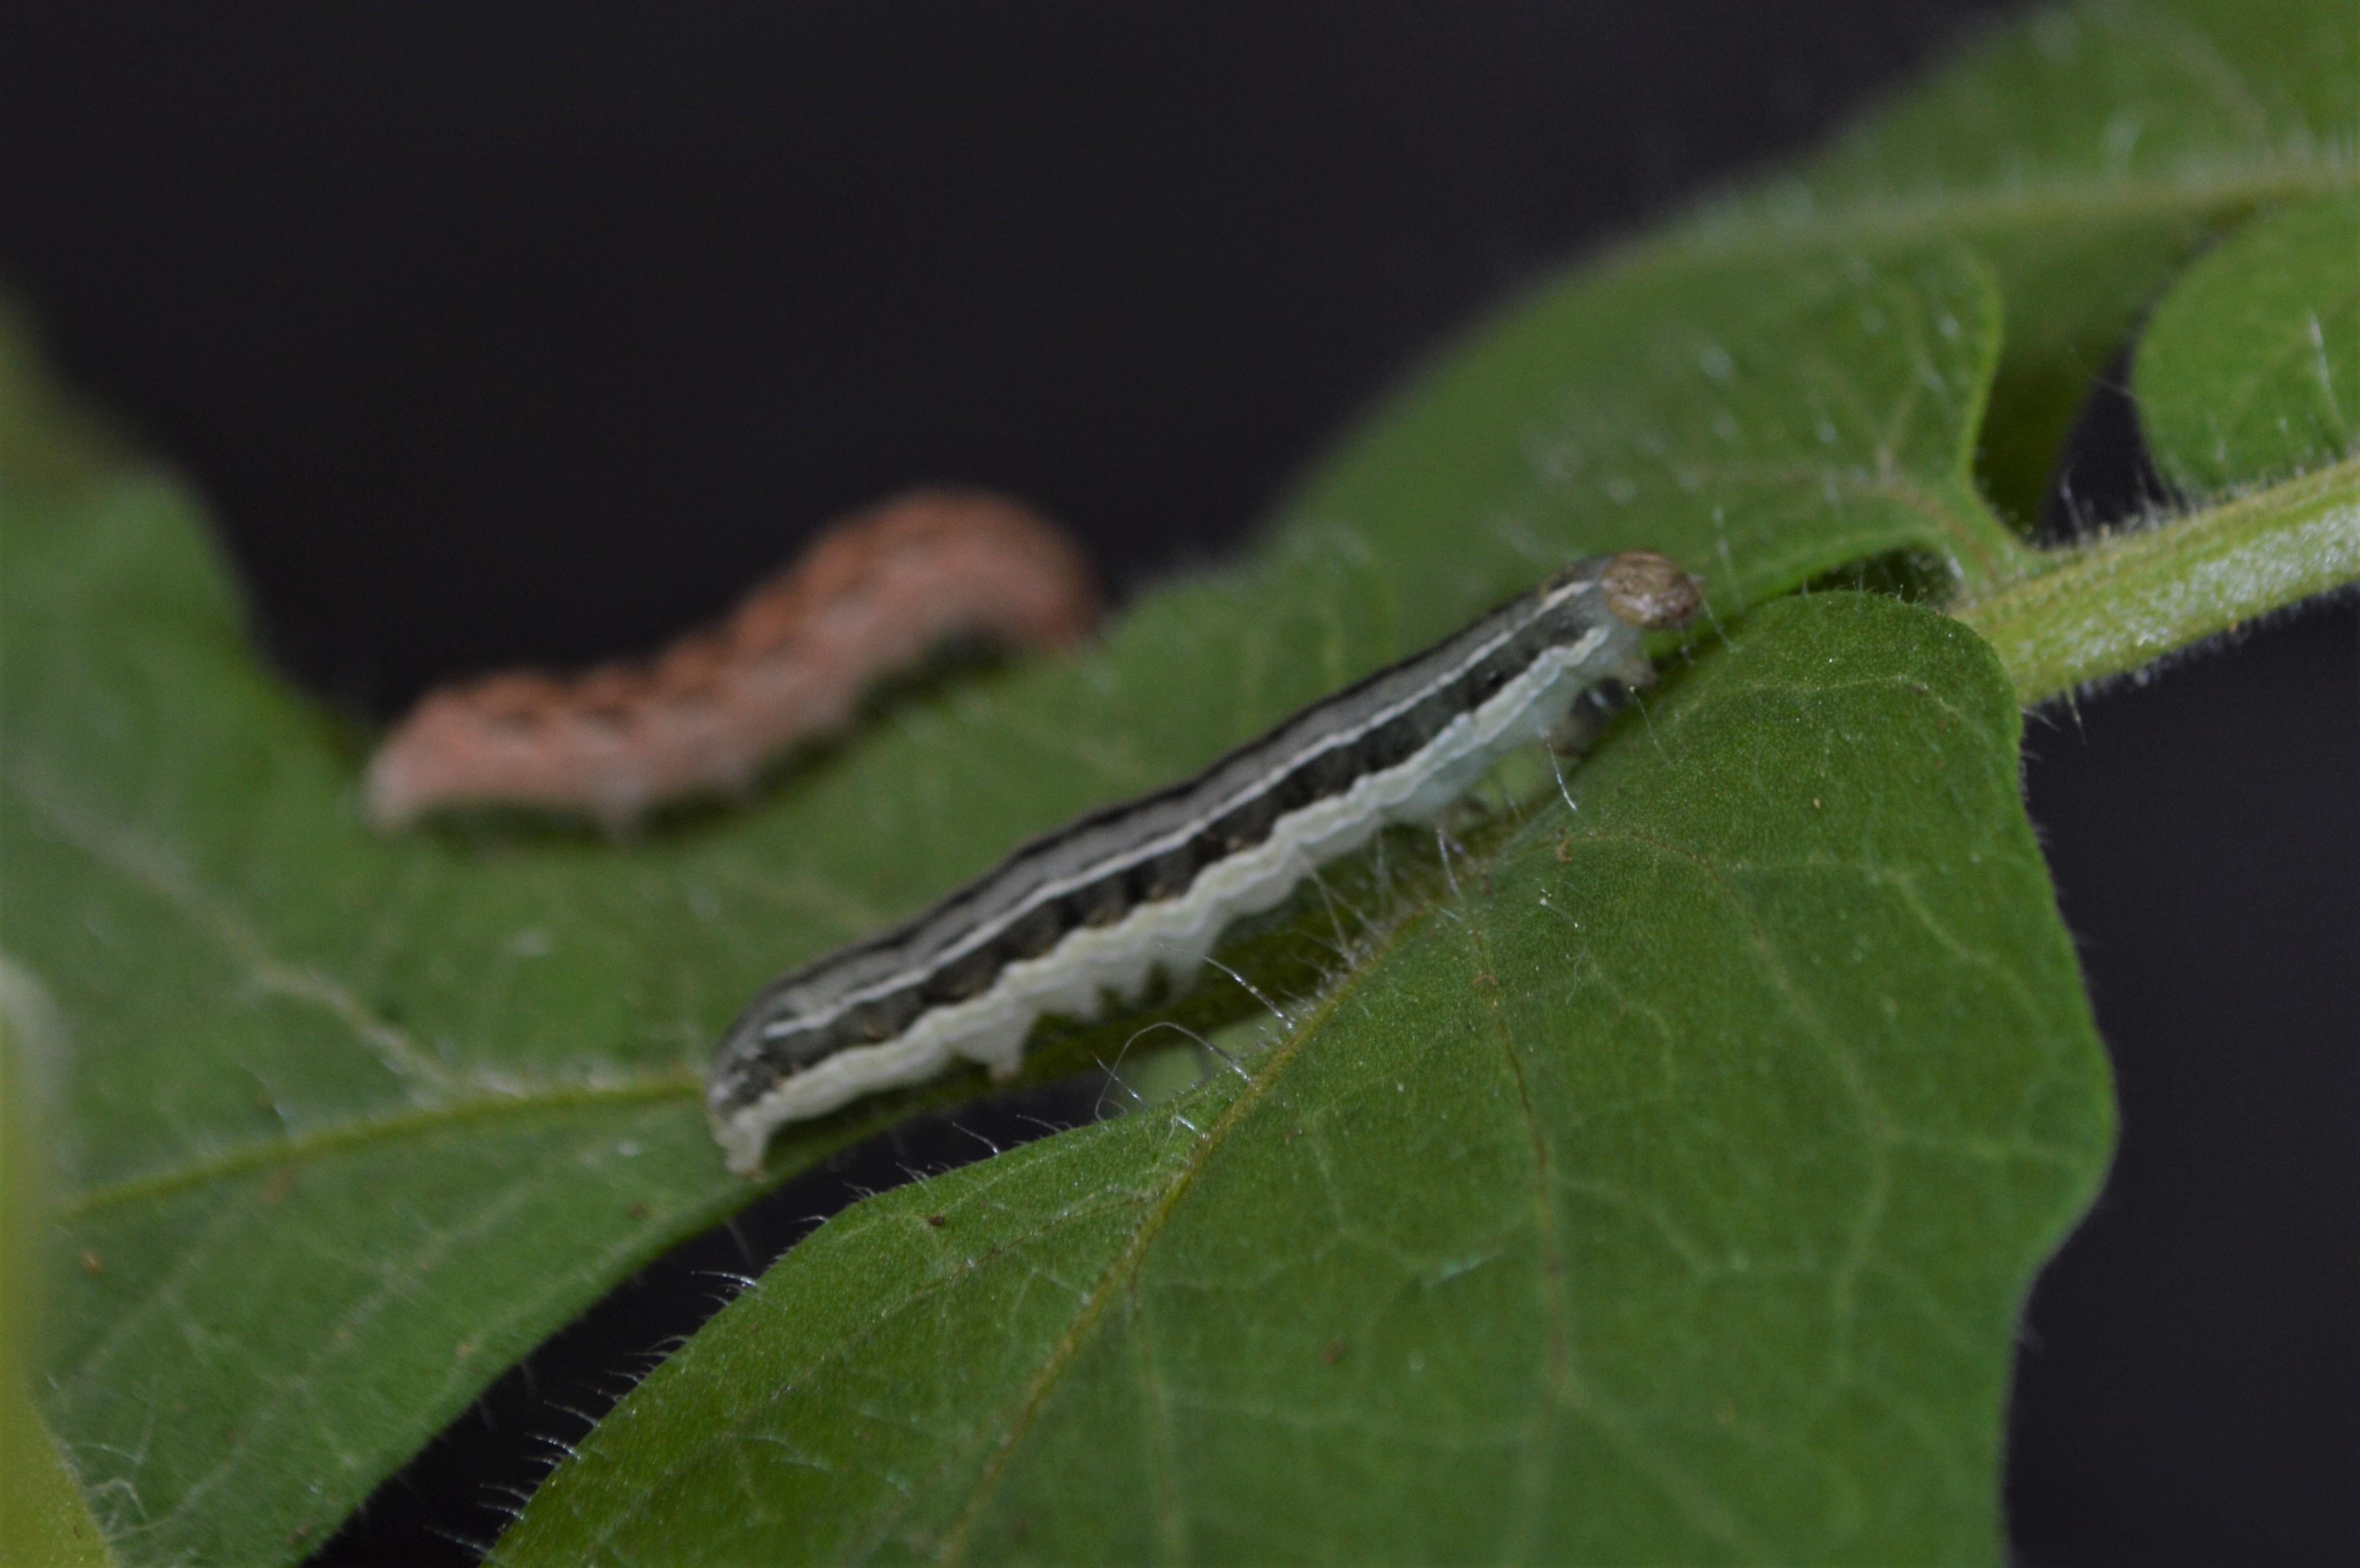 Если этот помидор предупреждён об опасности, гусеница может обернуться против своего сородича.